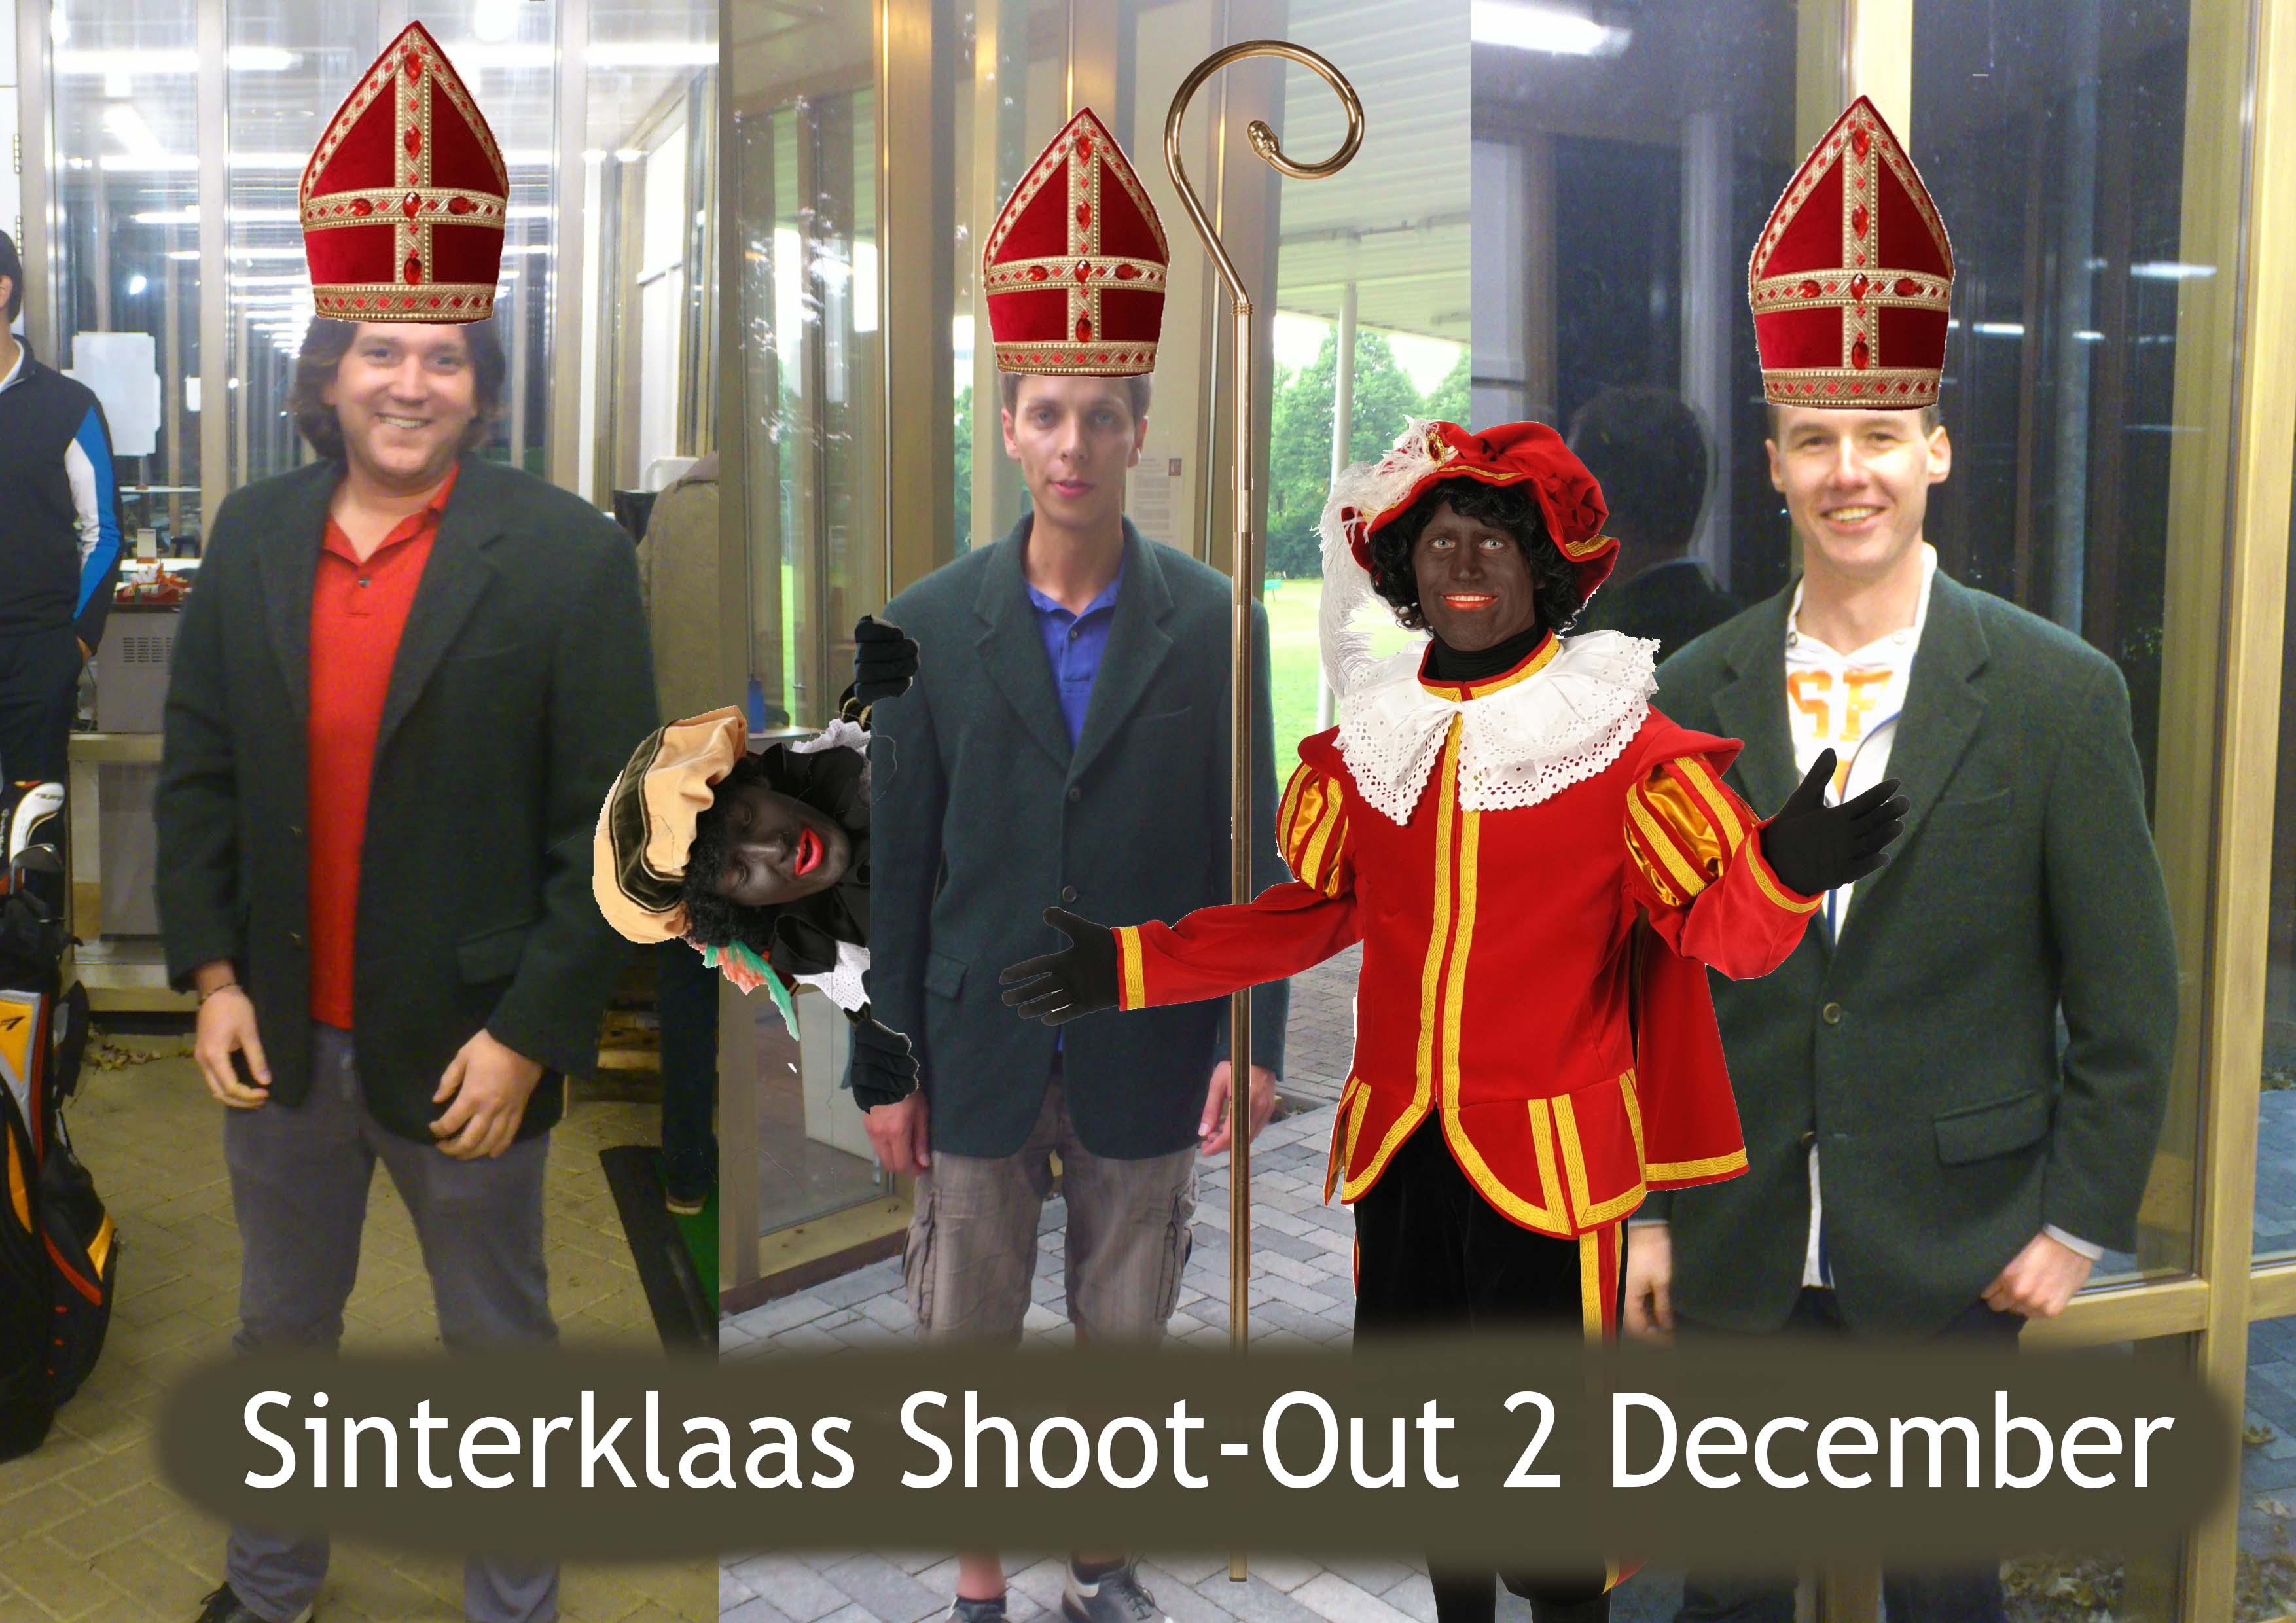 Sinterklaas Shoot-Out 2 December